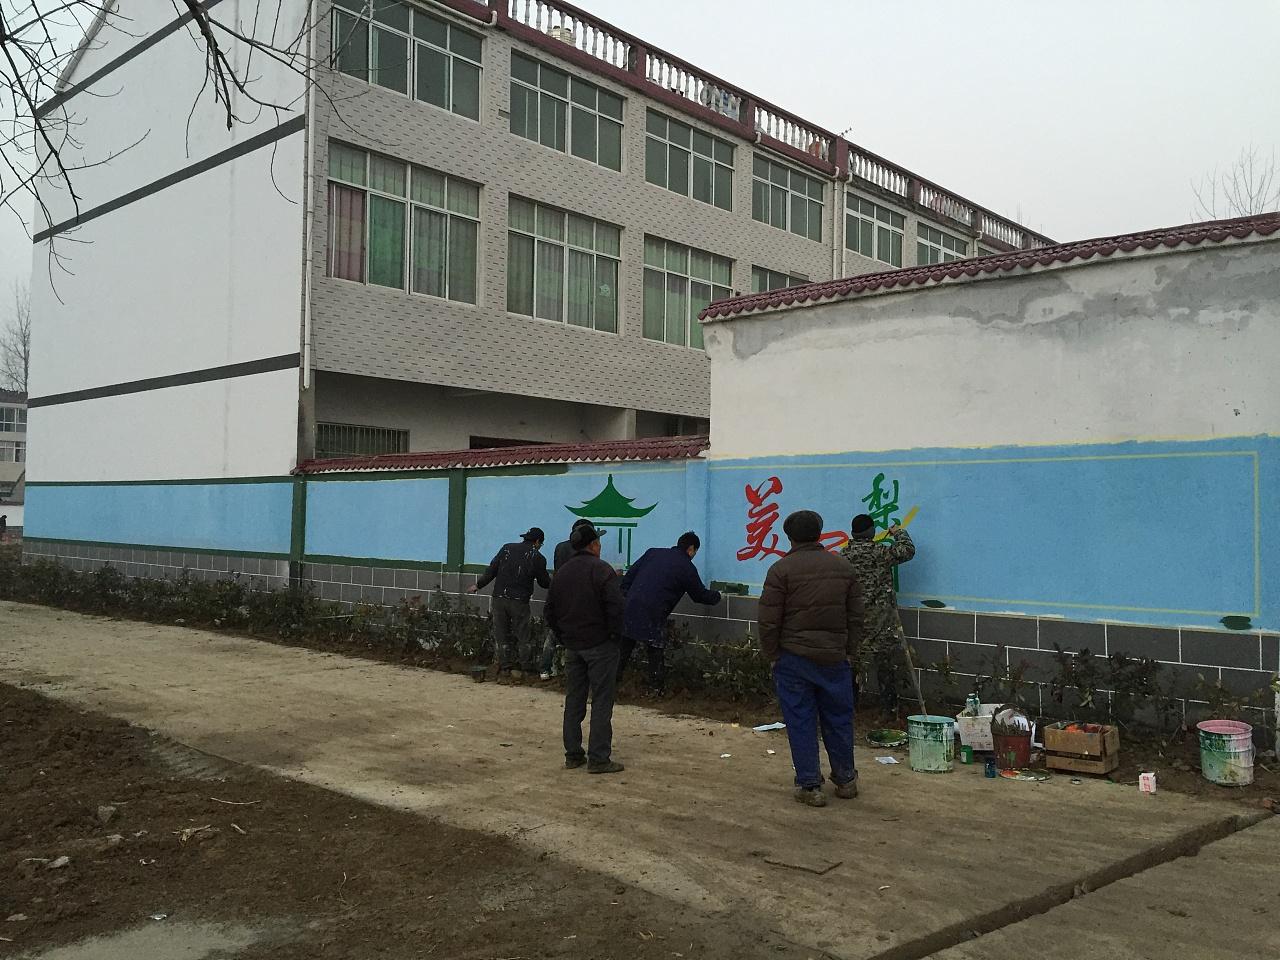 南昌画图,南昌墙壁上画画,南昌墙体彩绘墙绘